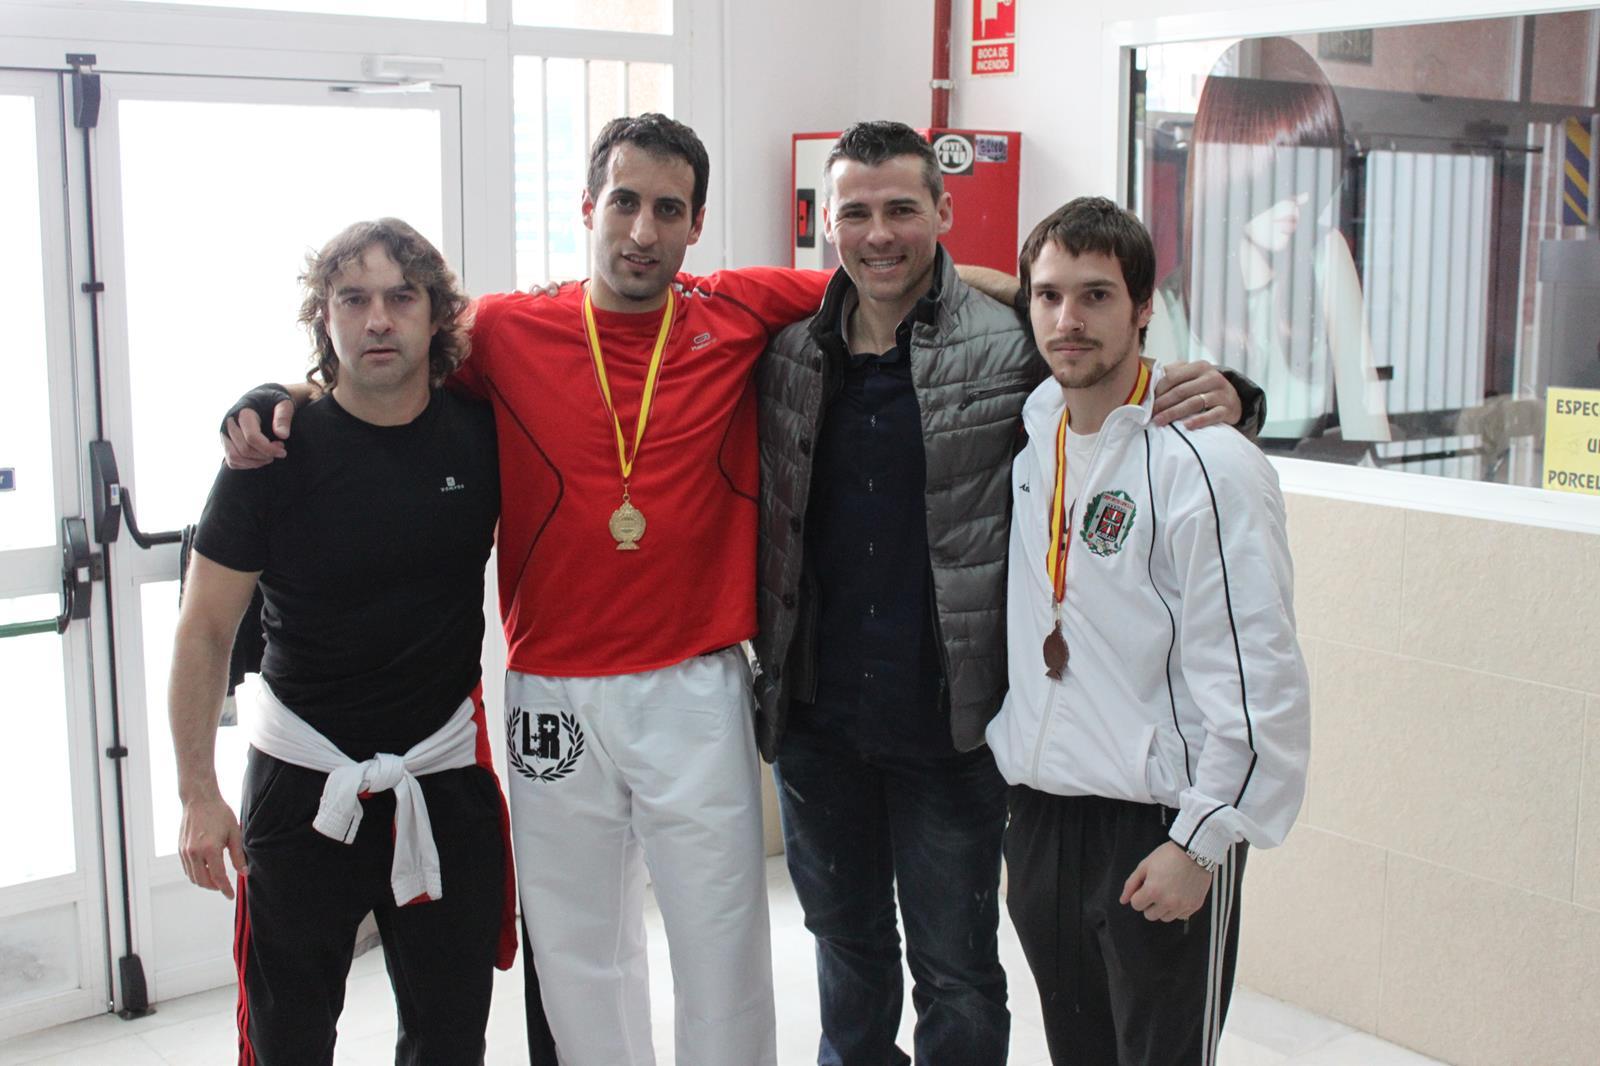 Campeonato de espa a kick boxing americano gimnasio yin yang for Gimnasio yin yang